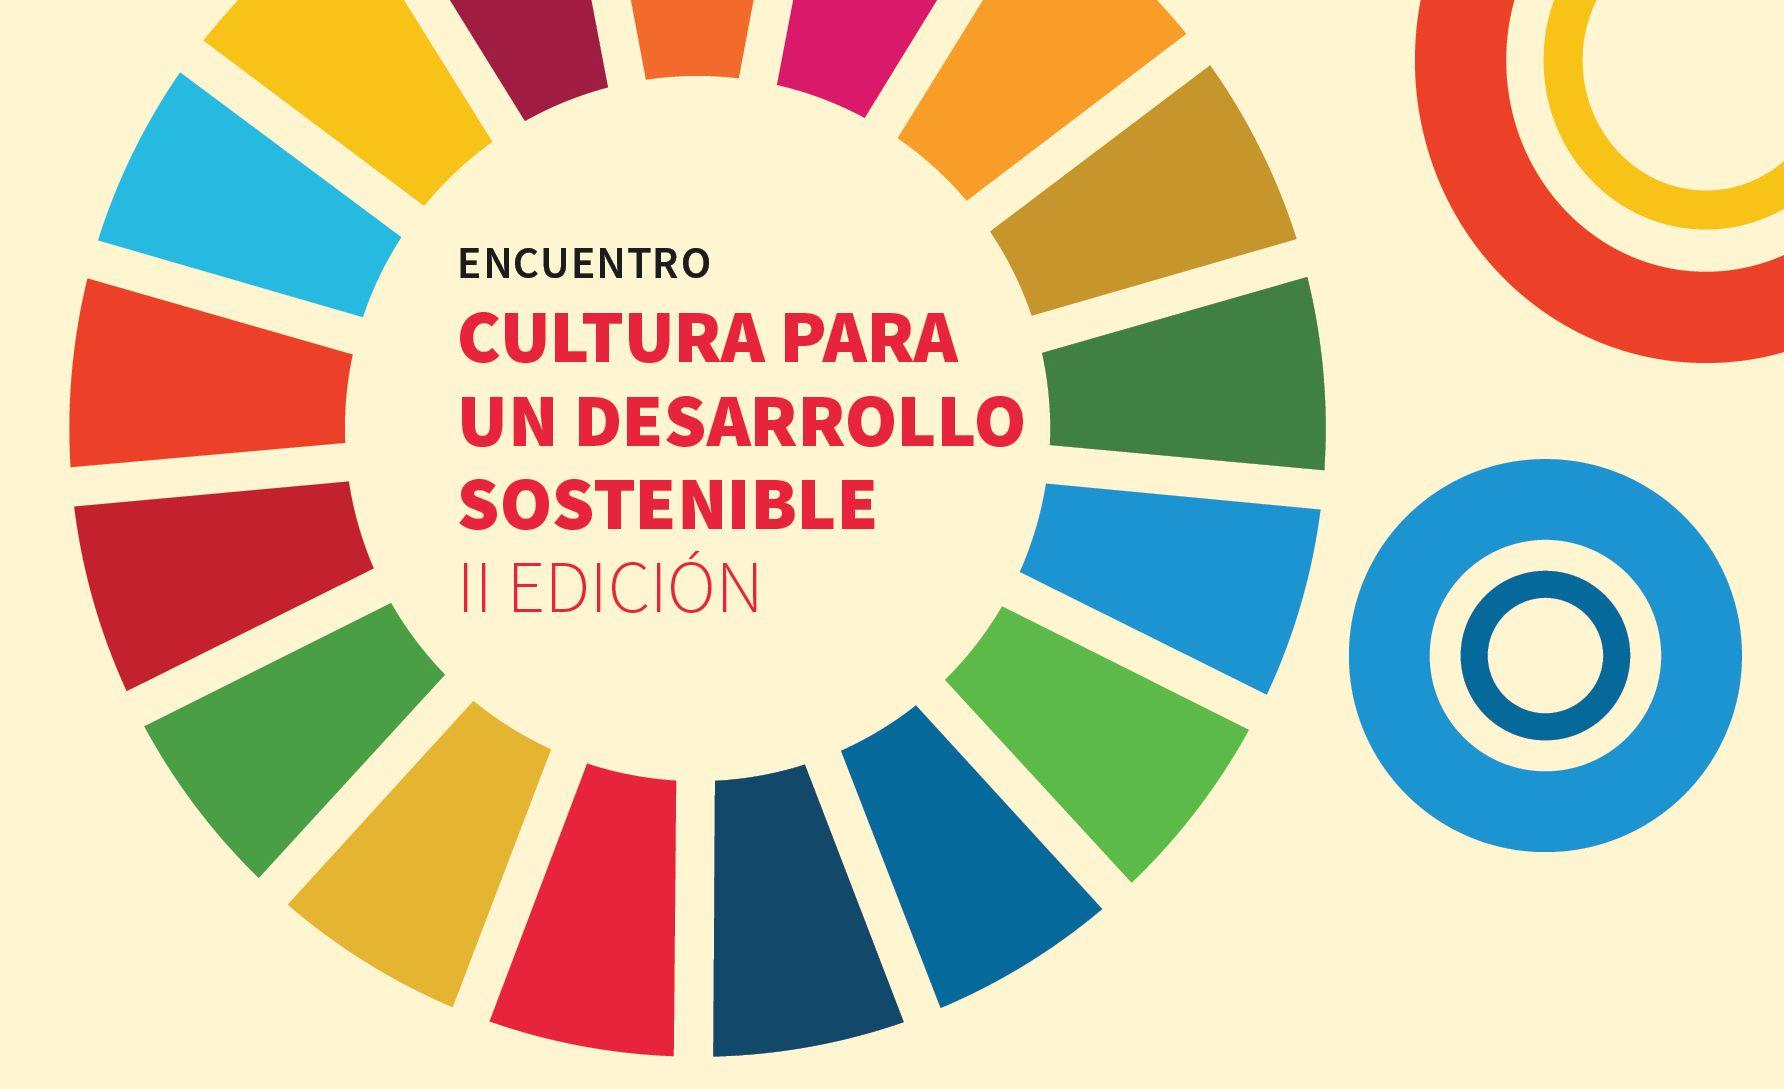 <p>Realizan&nbsp;II Edici&oacute;n del Encuentro &ldquo;Cultura para un Desarrollo Sostenible&rdquo;</p>